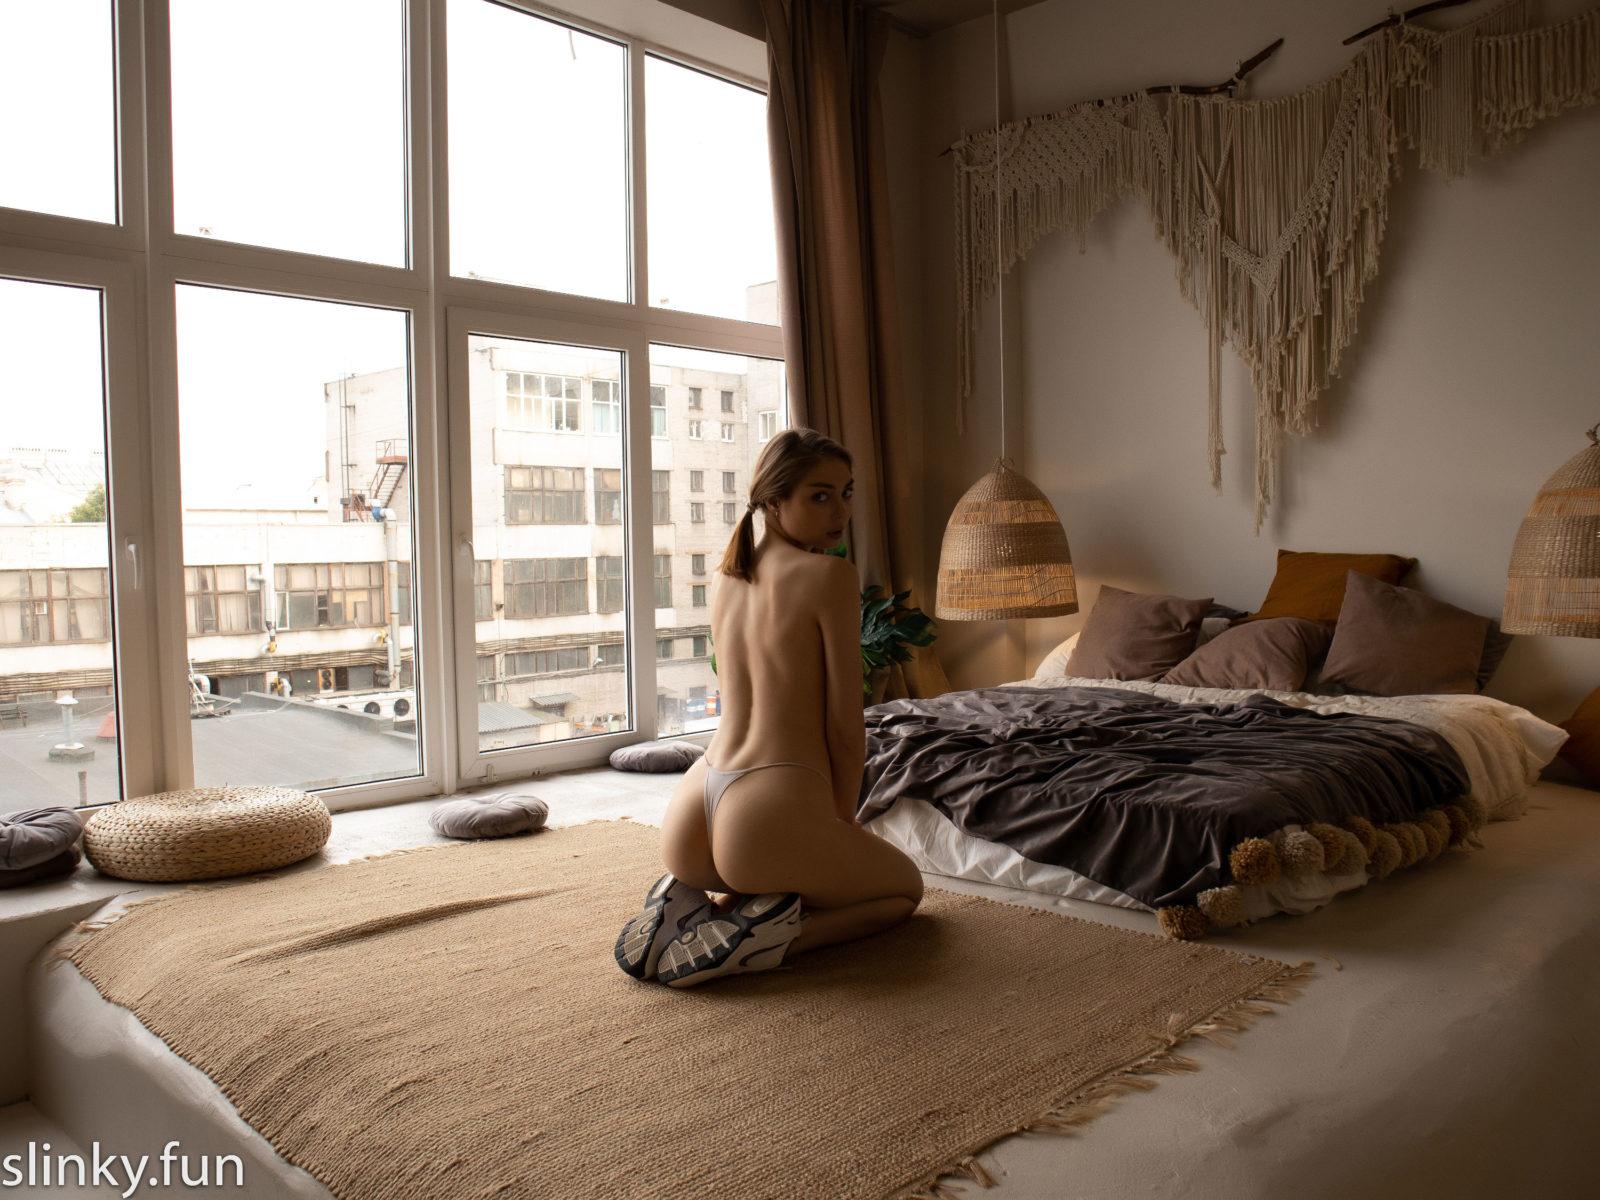 Обнаженная фотография Катя Клигер - фото без одежды - это ню